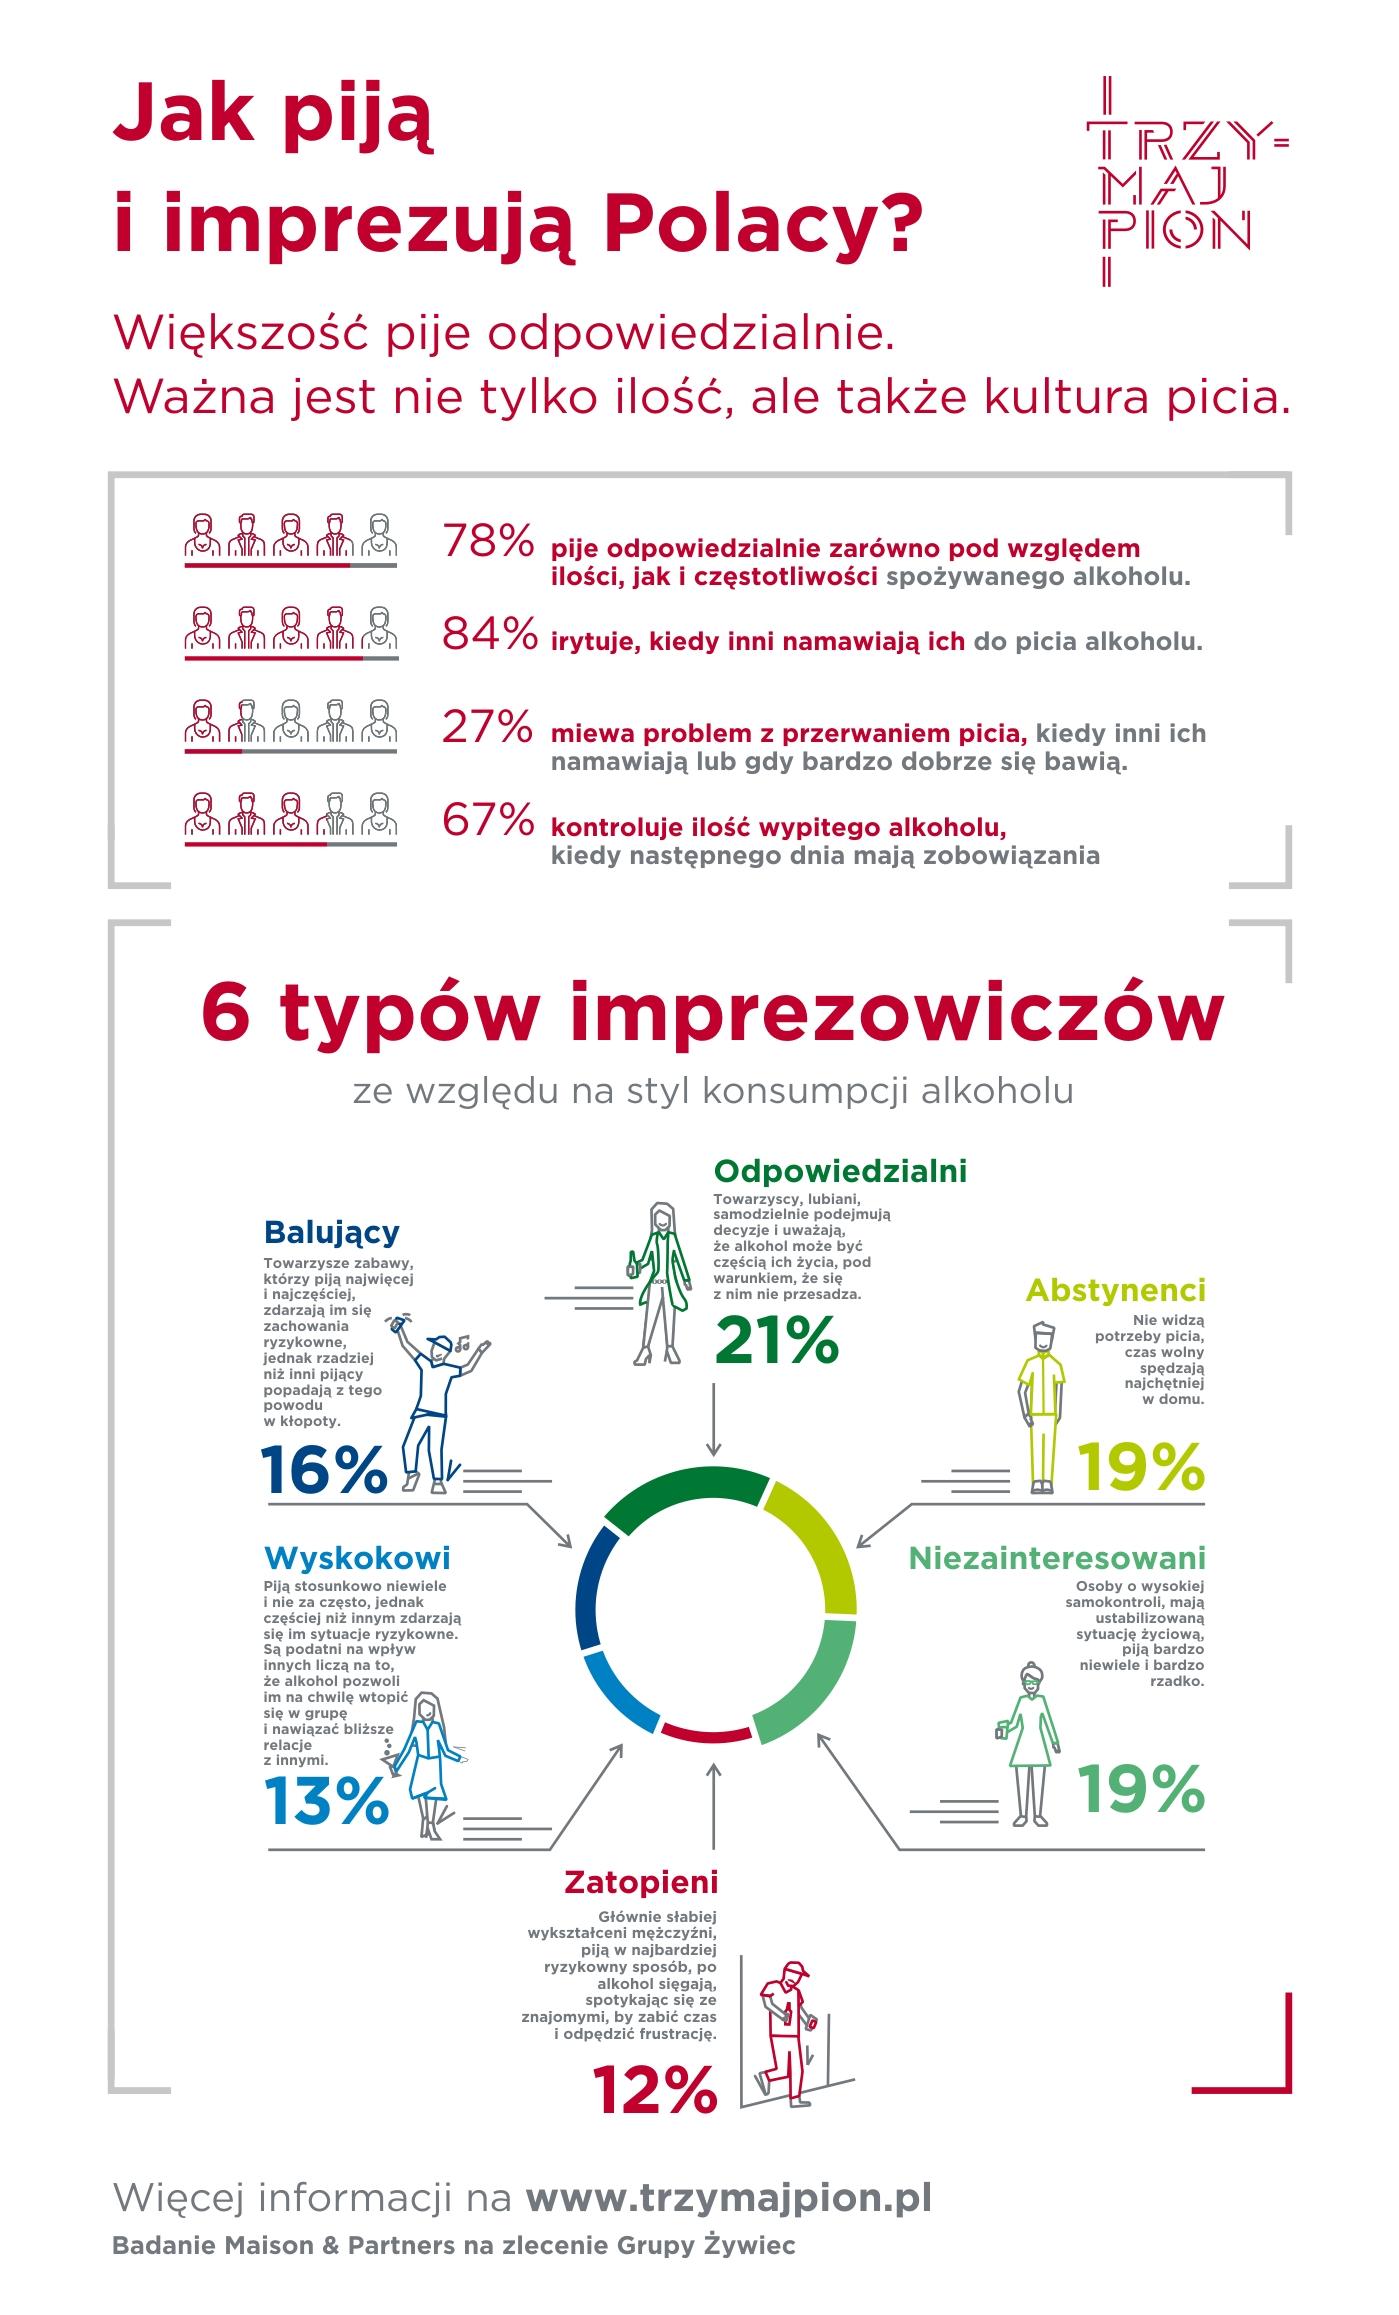 Jak piją i imprezują Polacy – infografika